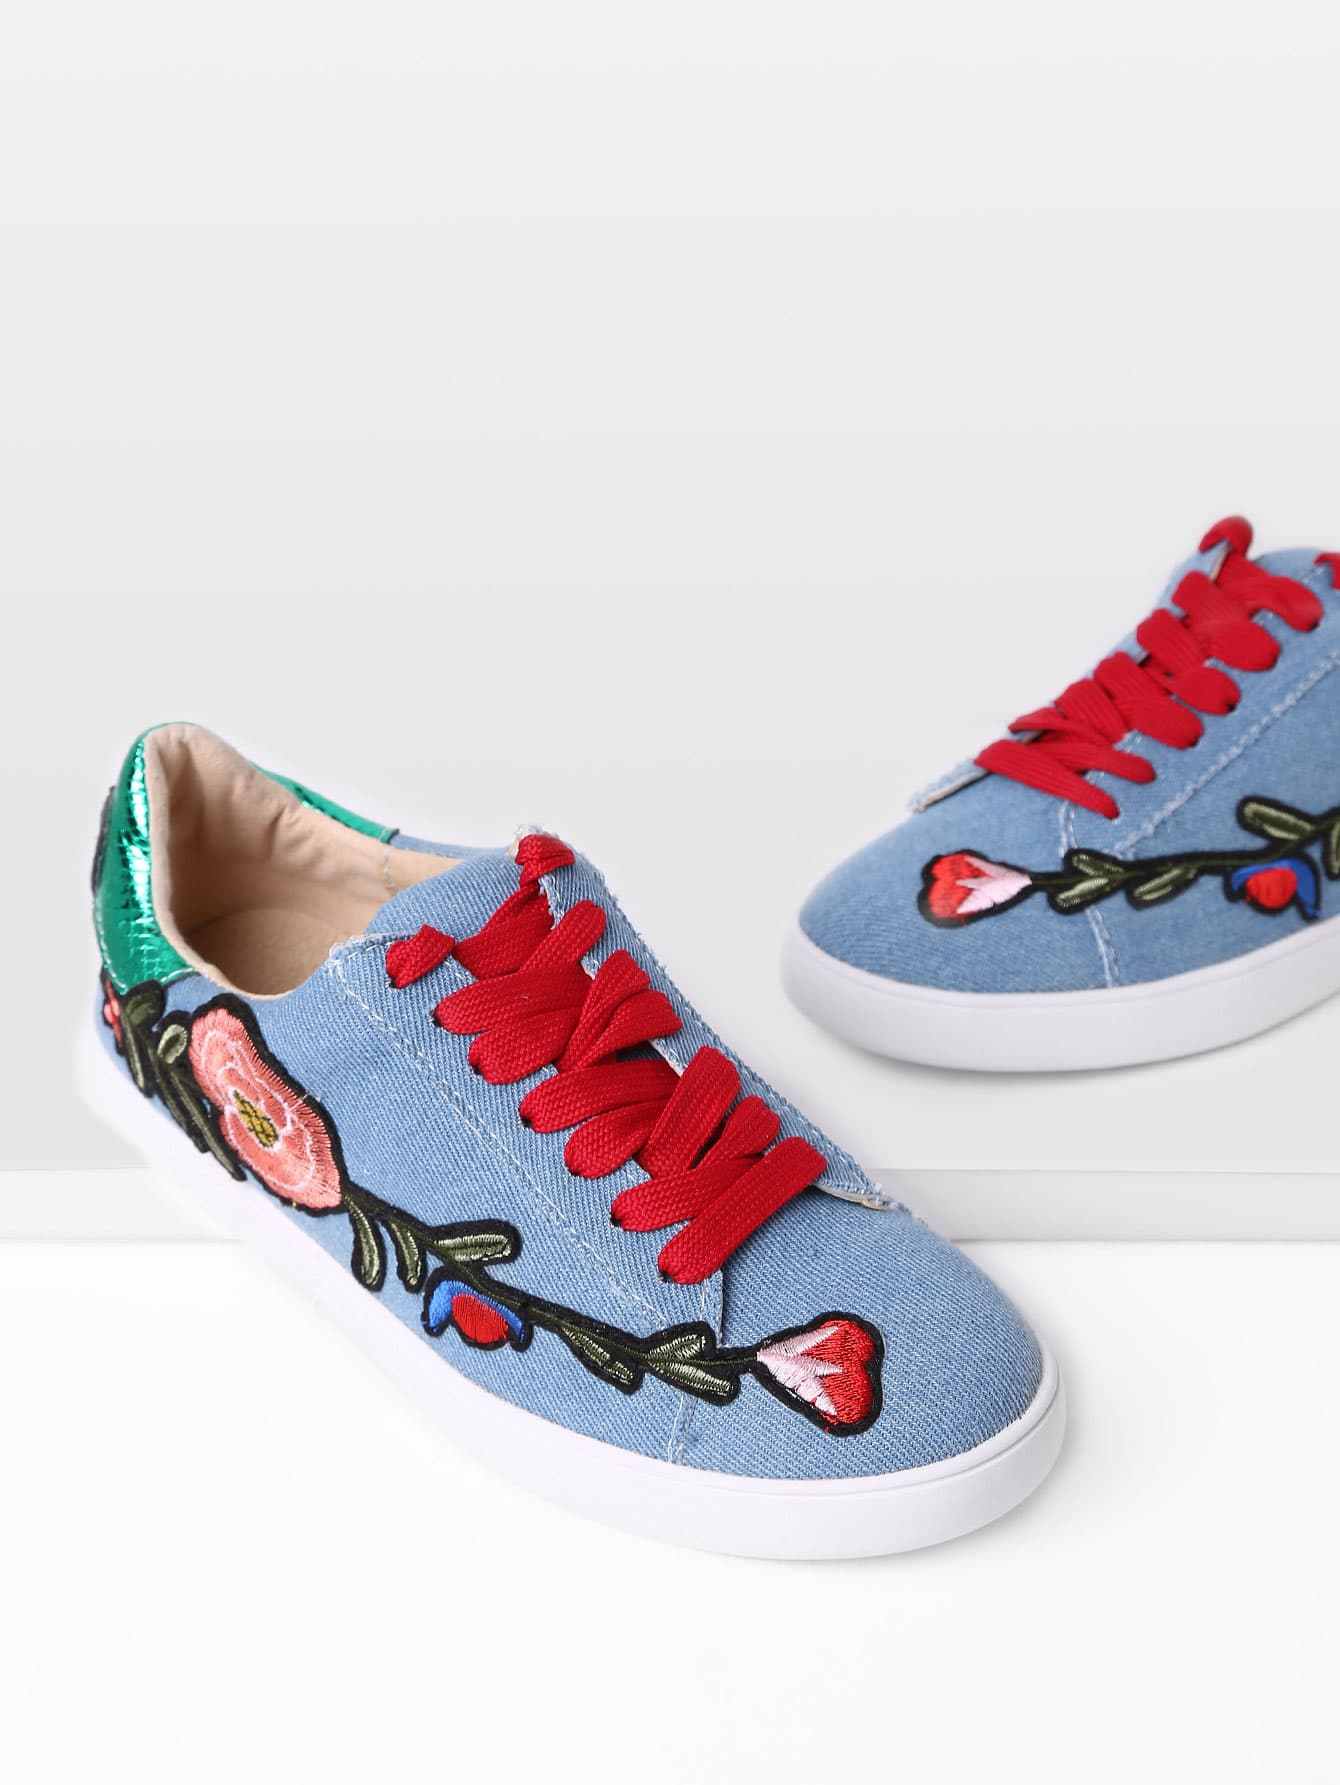 shoes170502801_2